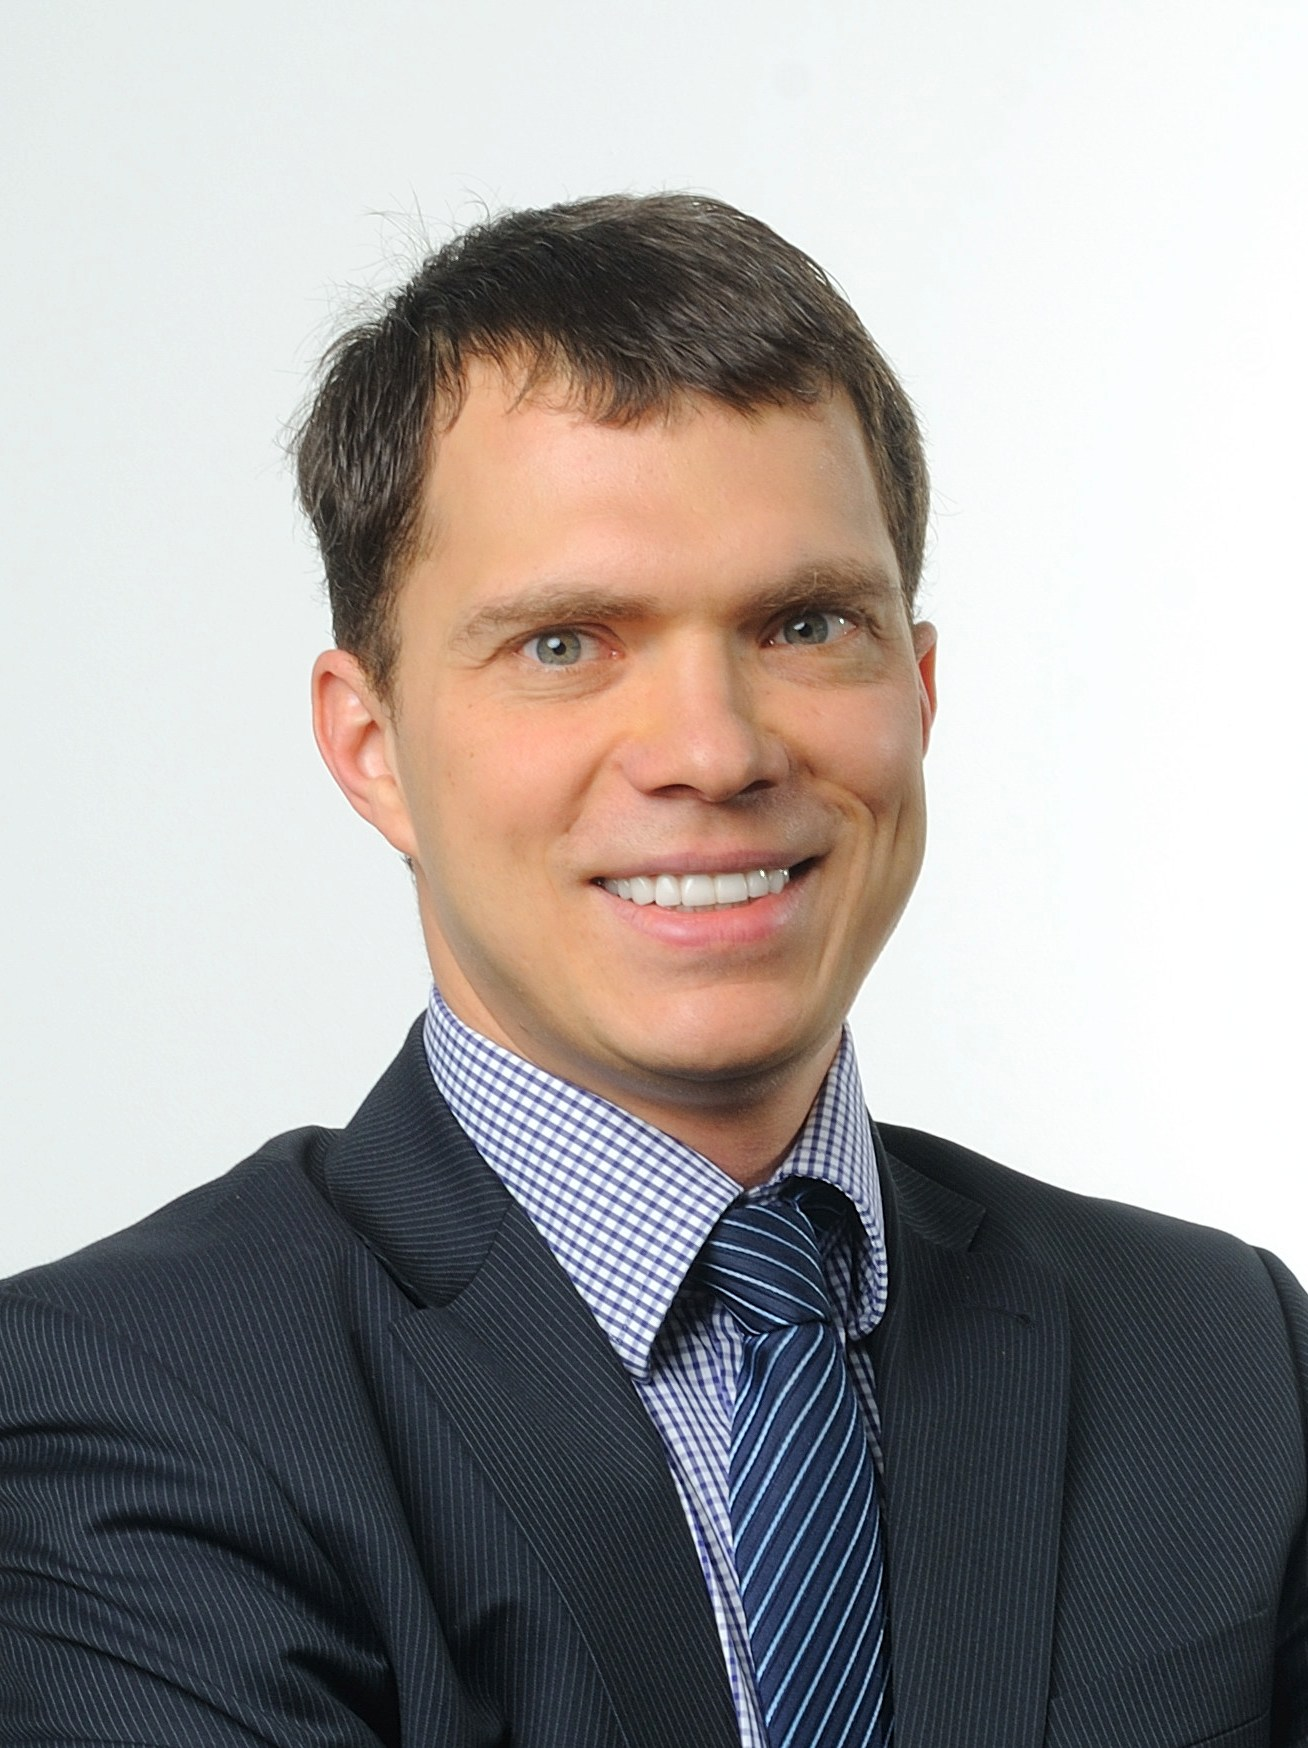 Andrei Okhlopkov